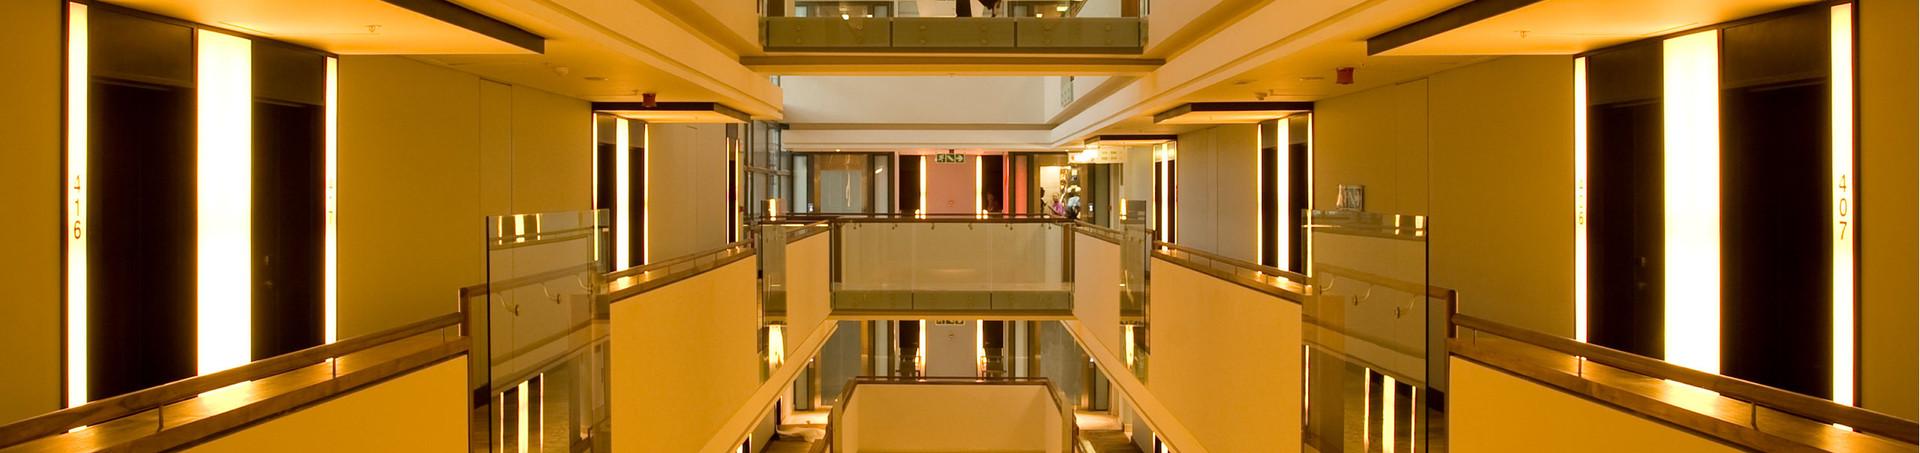 16 Windhoek Hilton.jpg